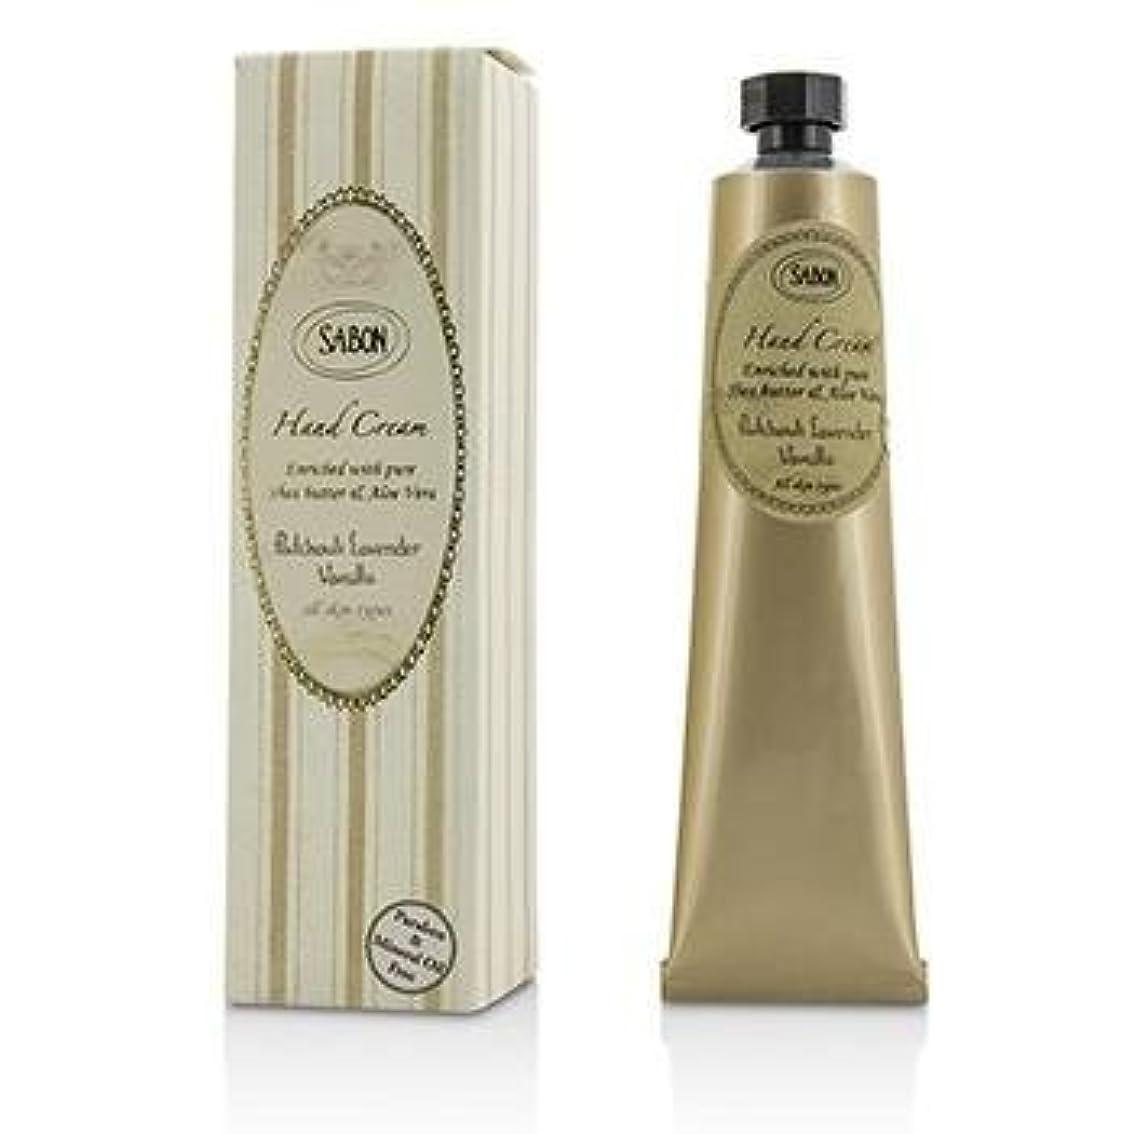 悪用難民評論家サボン Hand Cream - Patchouli Lavender Vanilla (Tube) 50ml/1.66oz並行輸入品